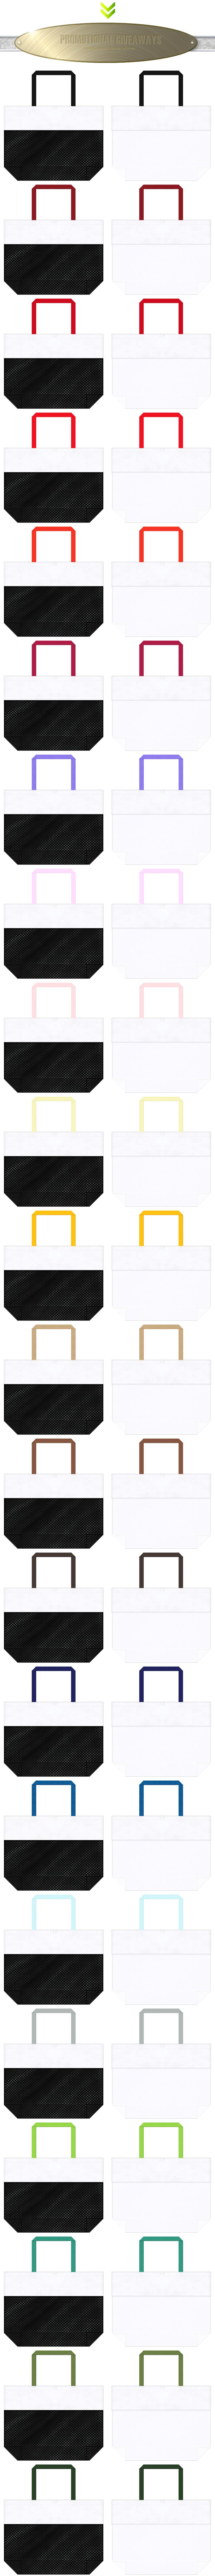 黒色メッシュ・白色メッシュと白色不織布をメインに使用した、台形型メッシュバッグのカラーシミュレーション